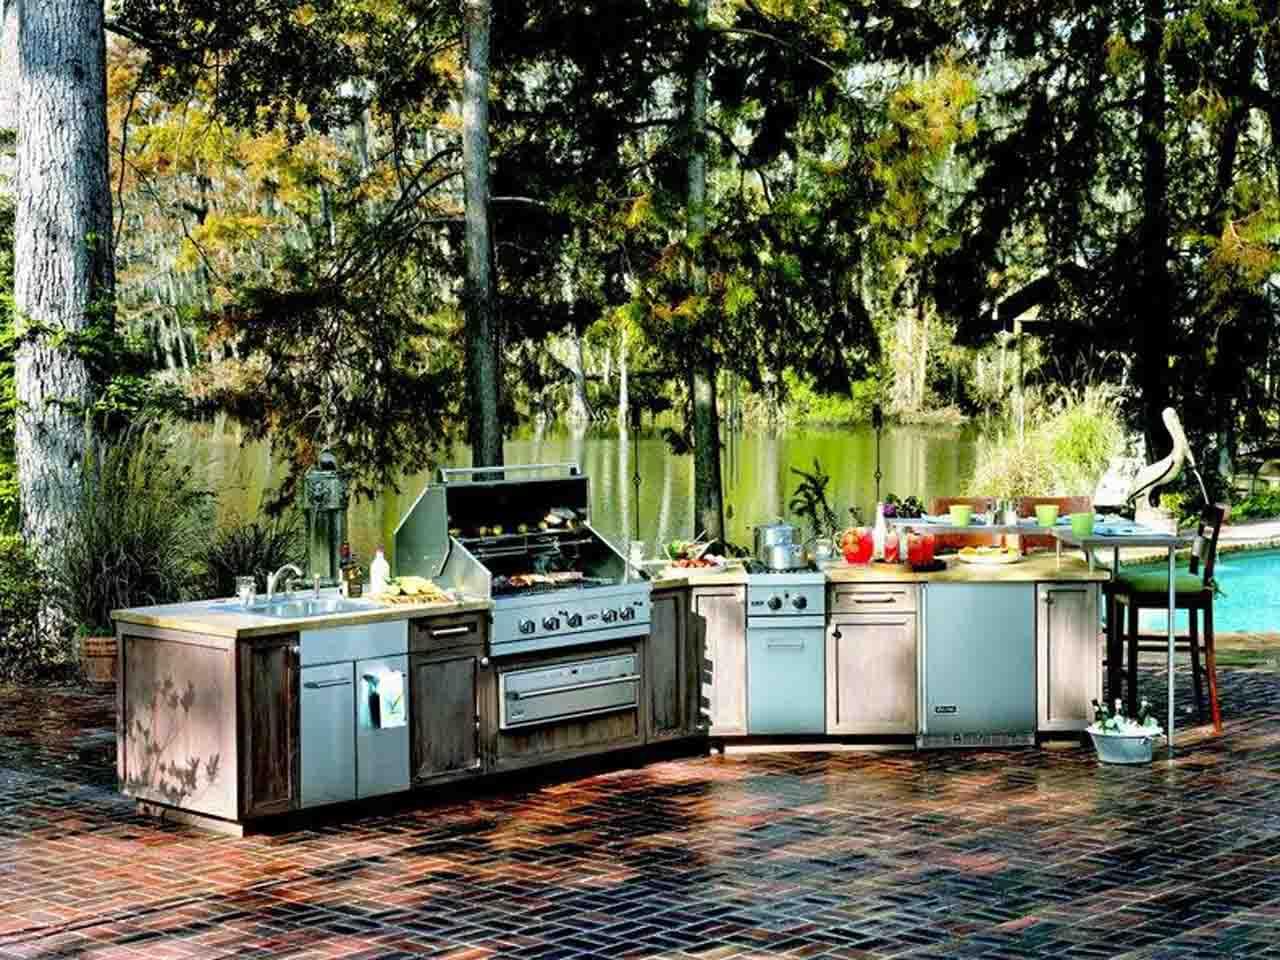 best-outdoor-kitchen-ideas-mcID - Design On Vine